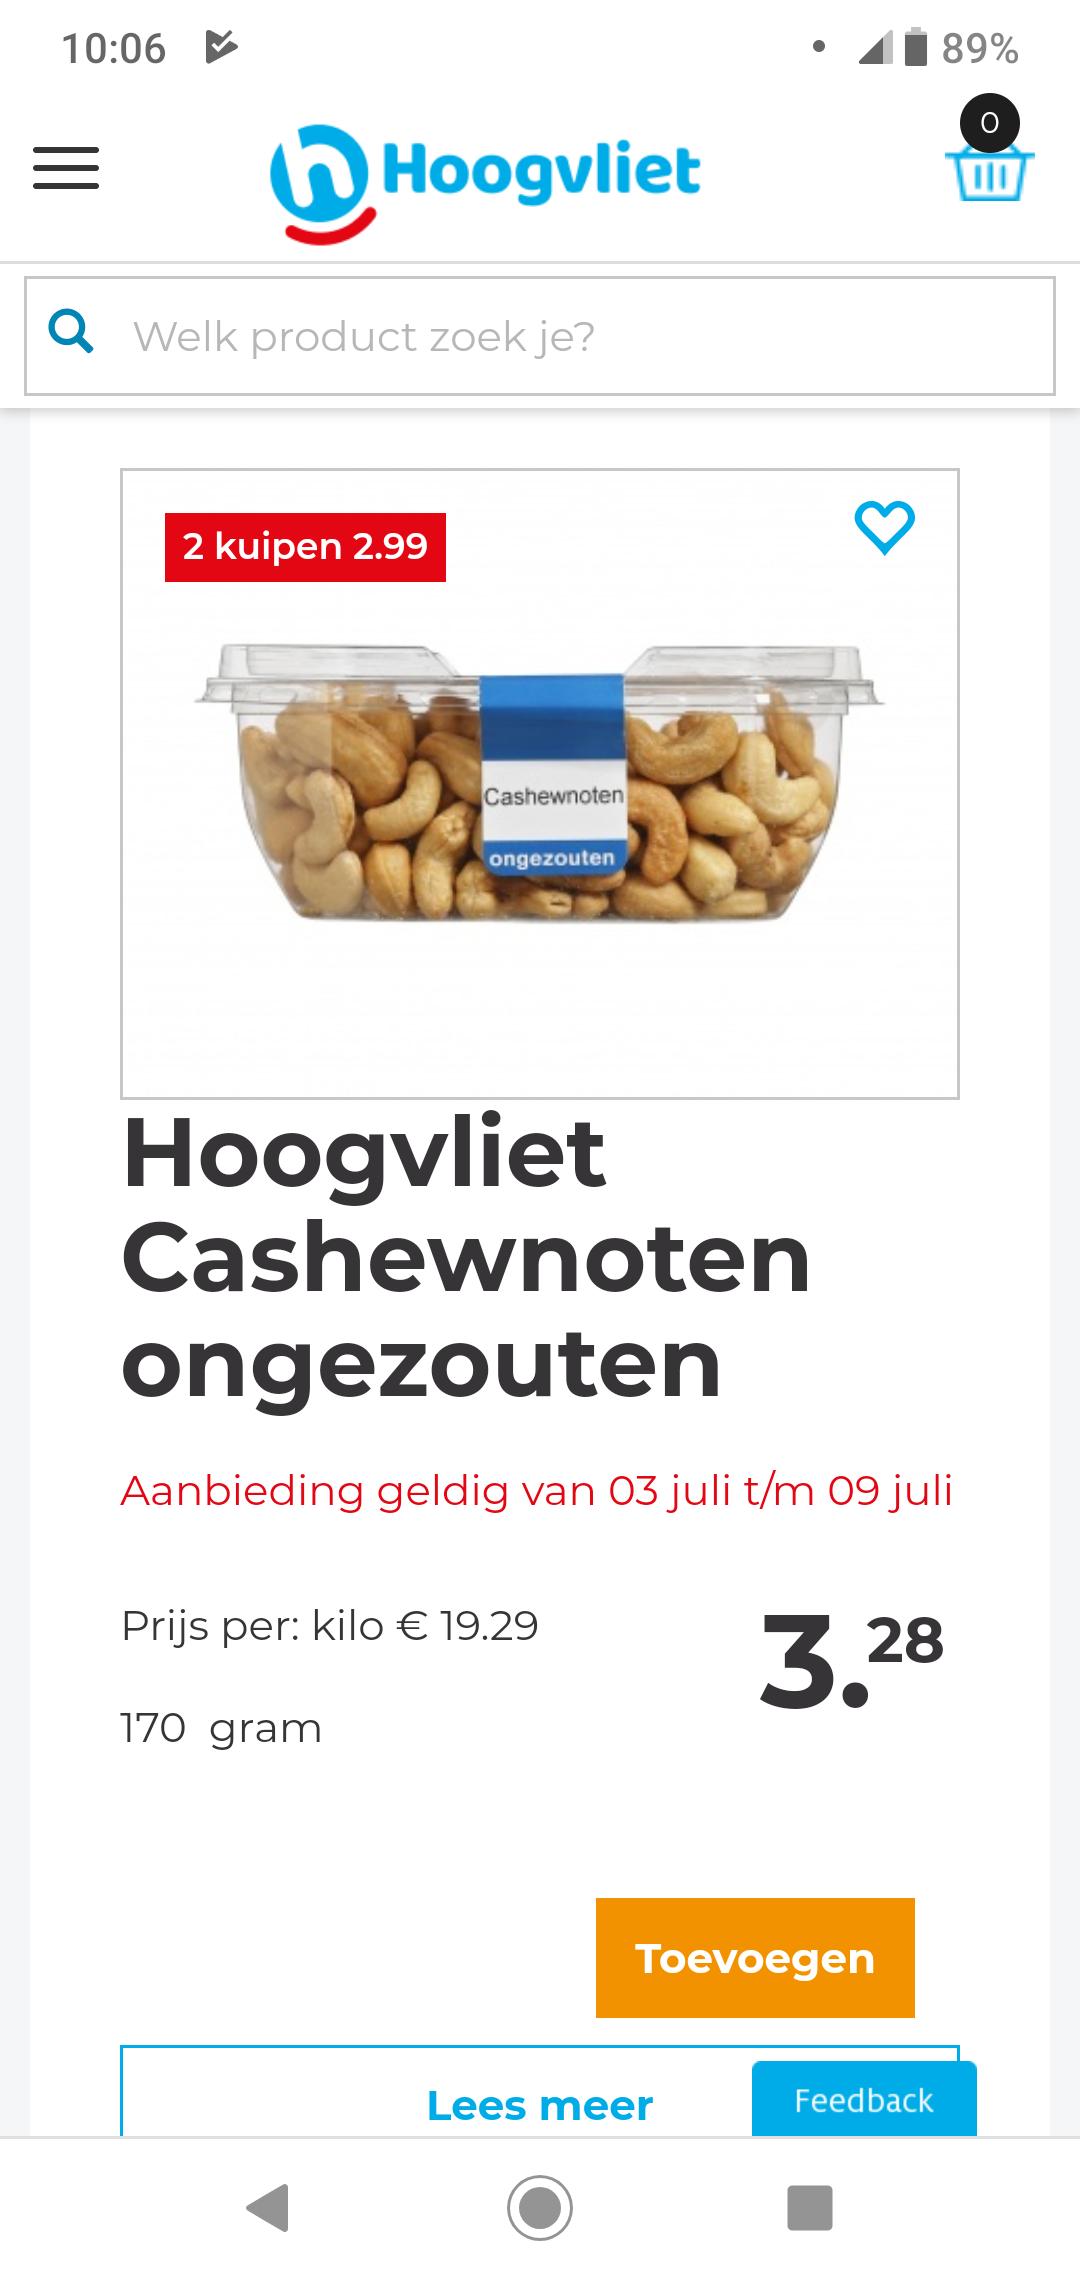 Hoogvliet Cashewnoten, diverse keuze (vers) 2 kuipjes 2.99!